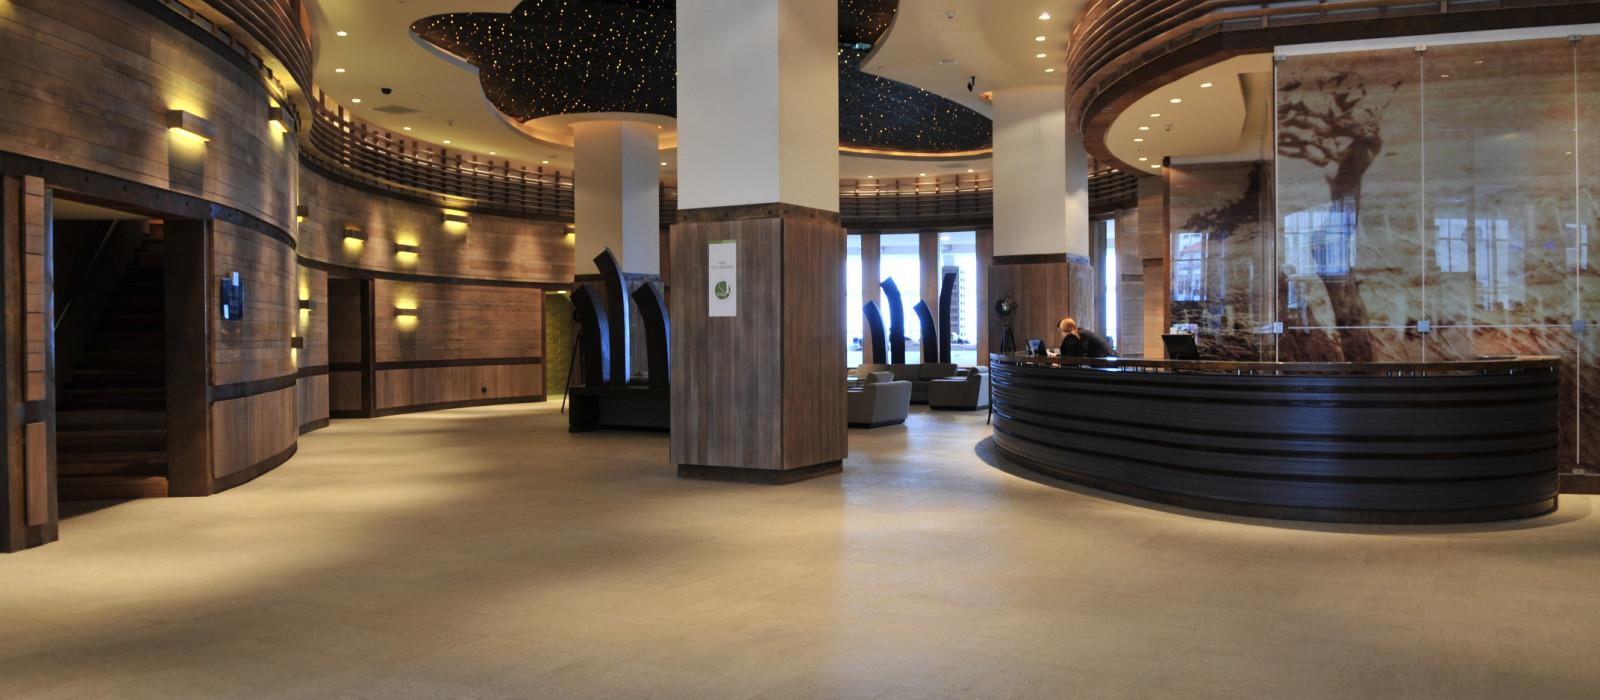 Hotel Dreams  del Estrecho – Casino and Spa Chile